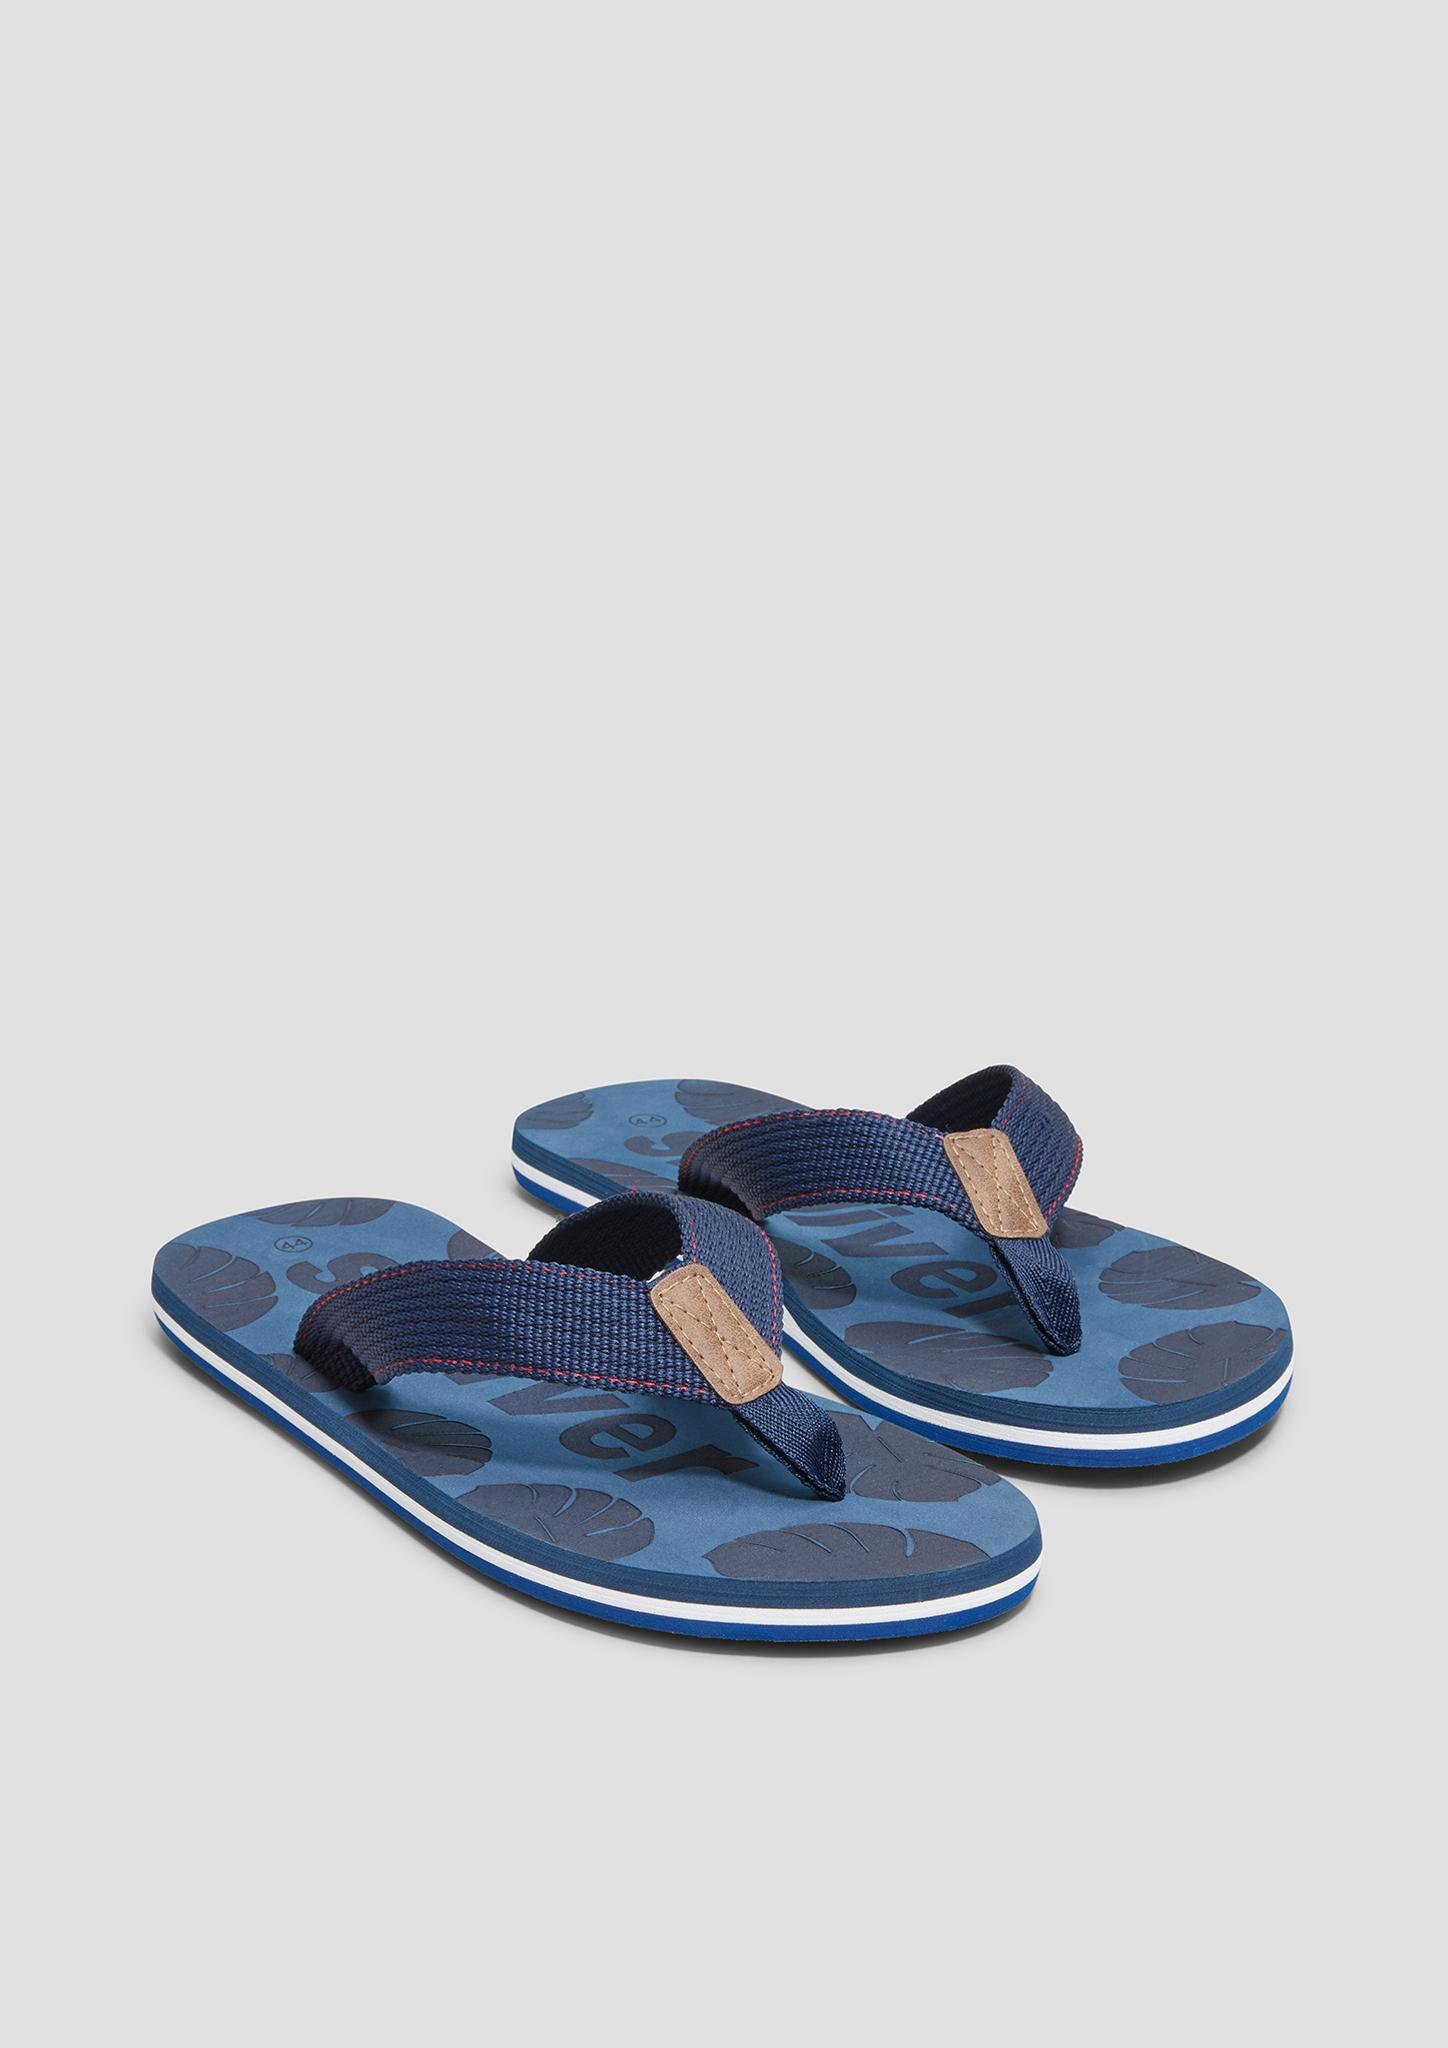 Pantoletten | Schuhe > Clogs & Pantoletten | Blau | Obermaterial: materialmix aus textil und synthetik| futter: textil| decksohle: synthetik| laufsohle: synthetik | s.Oliver